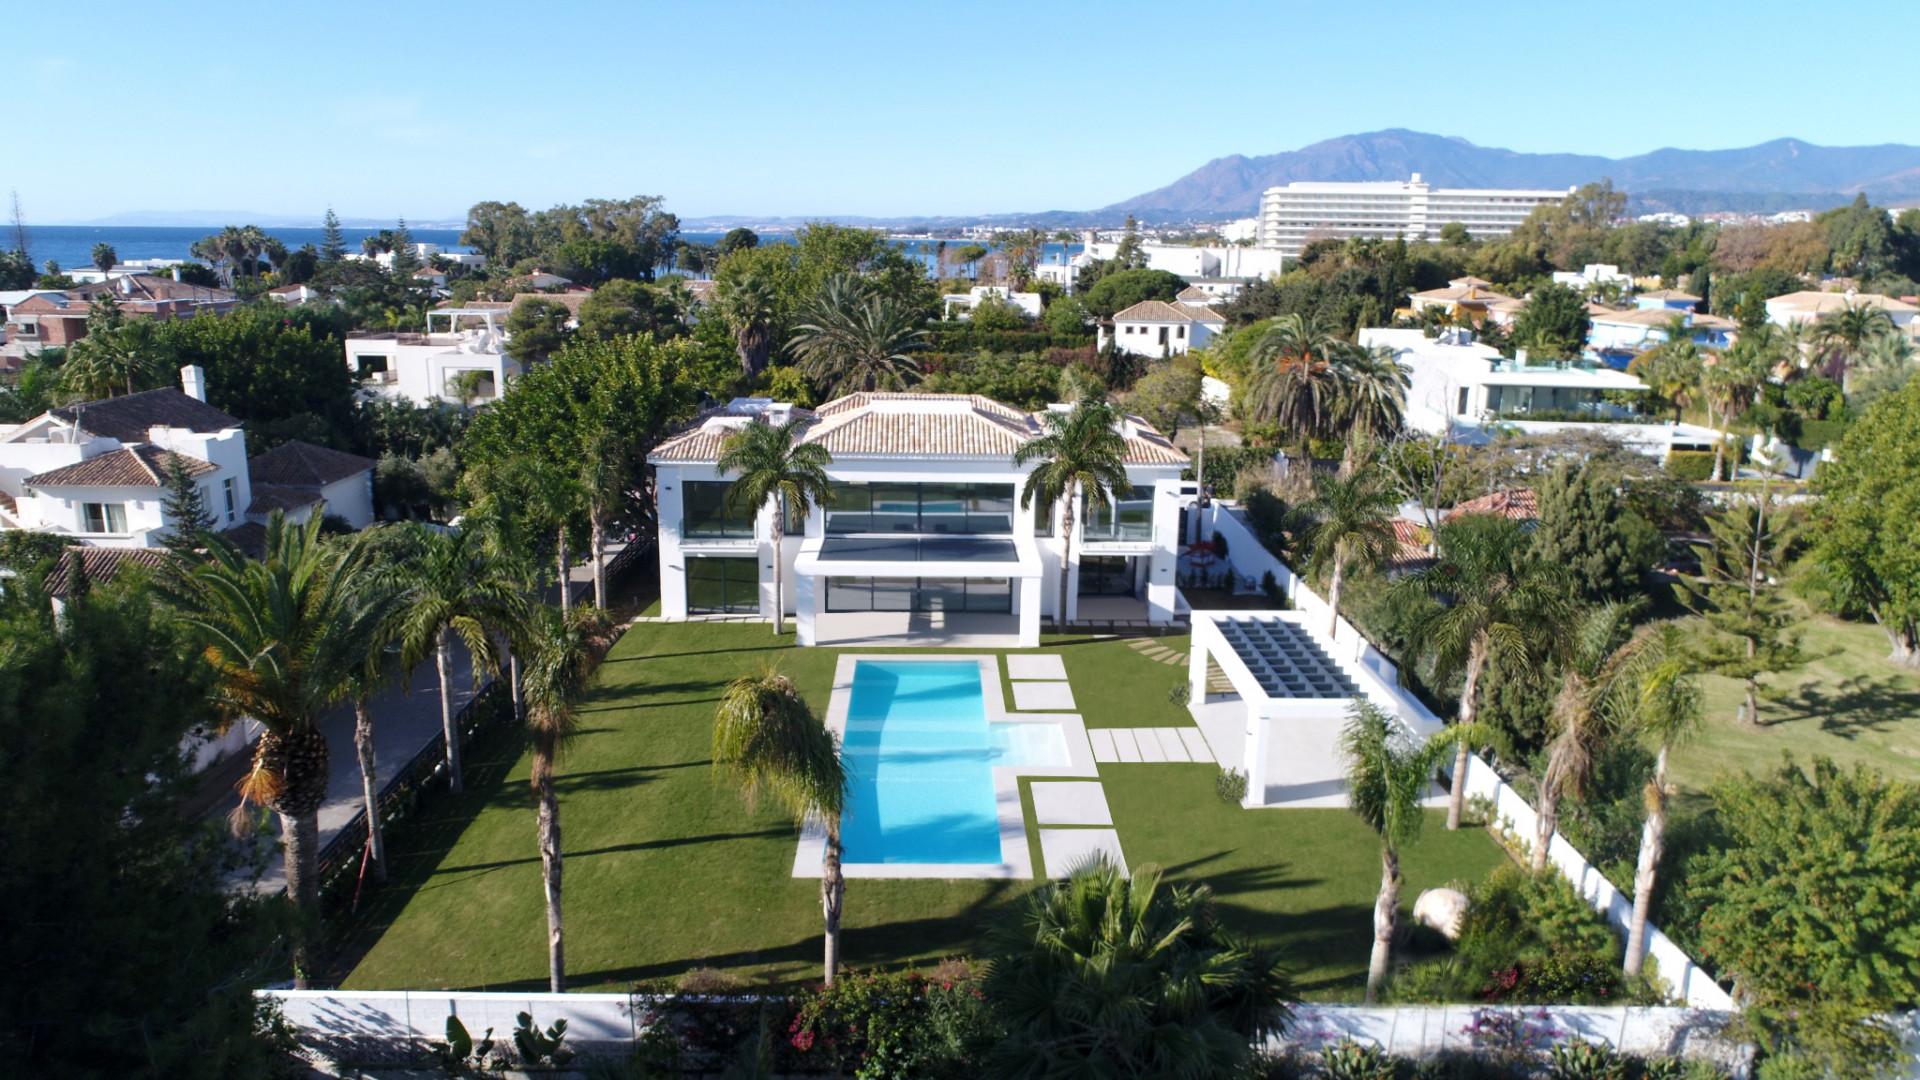 Villa moderna de reciente construcción en la playa en zona muy solicitada en Guadalmina Baja - Marbella